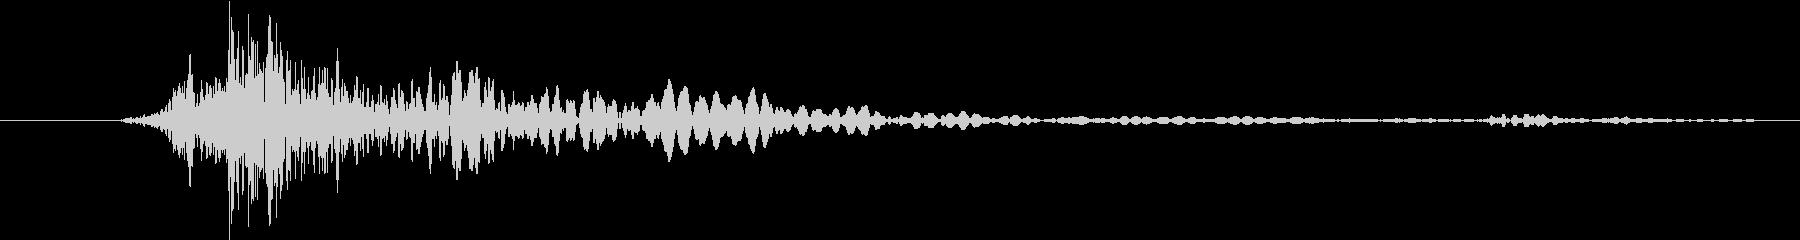 アンティークダイニングルームキャビ...の未再生の波形